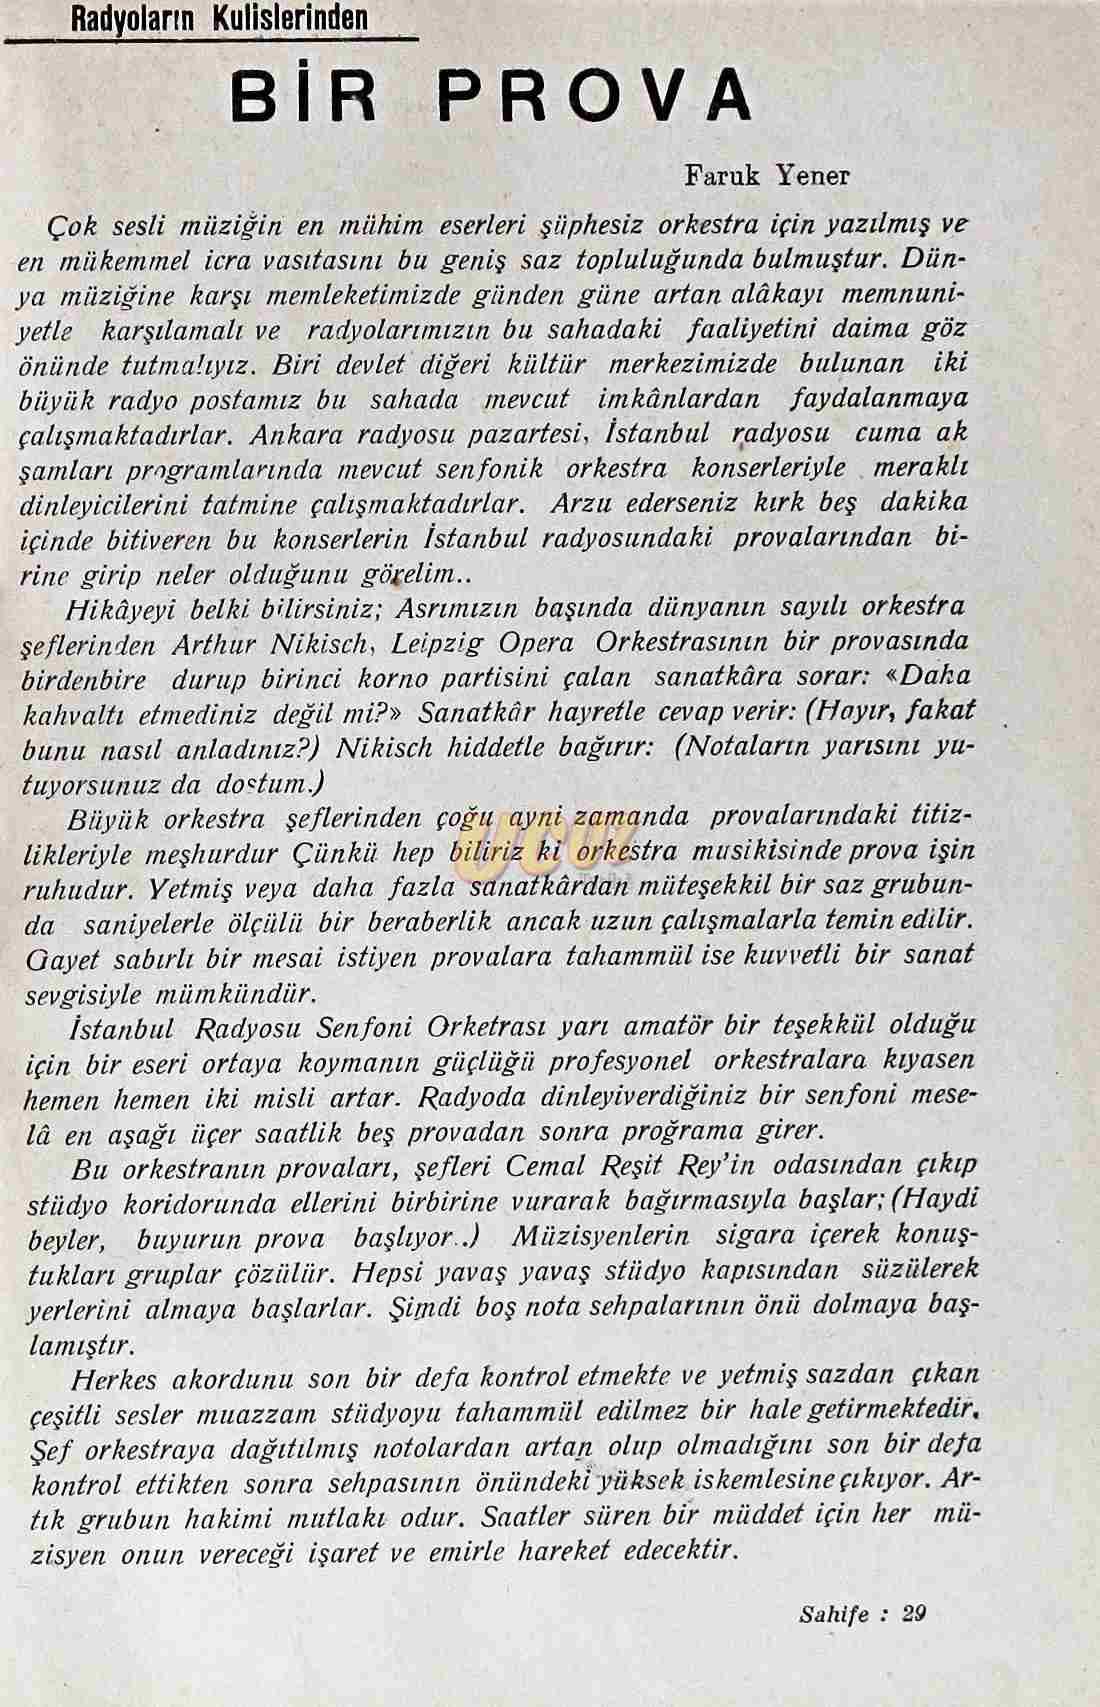 akcatepe_filmlerinden029